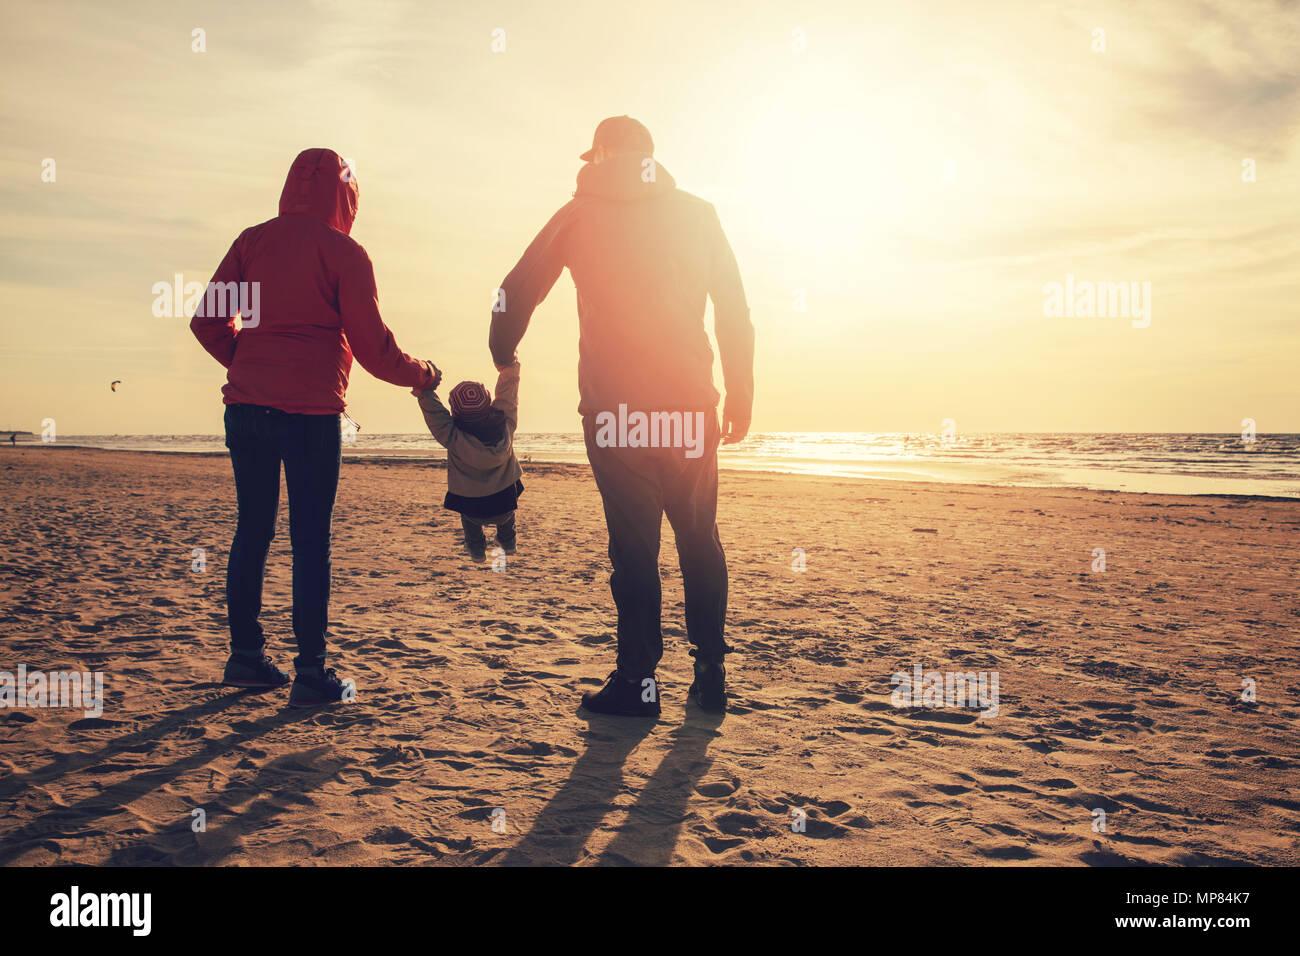 Il padre e la madre del bambino di oscillazione dei bracci sulla spiaggia al tramonto Immagini Stock